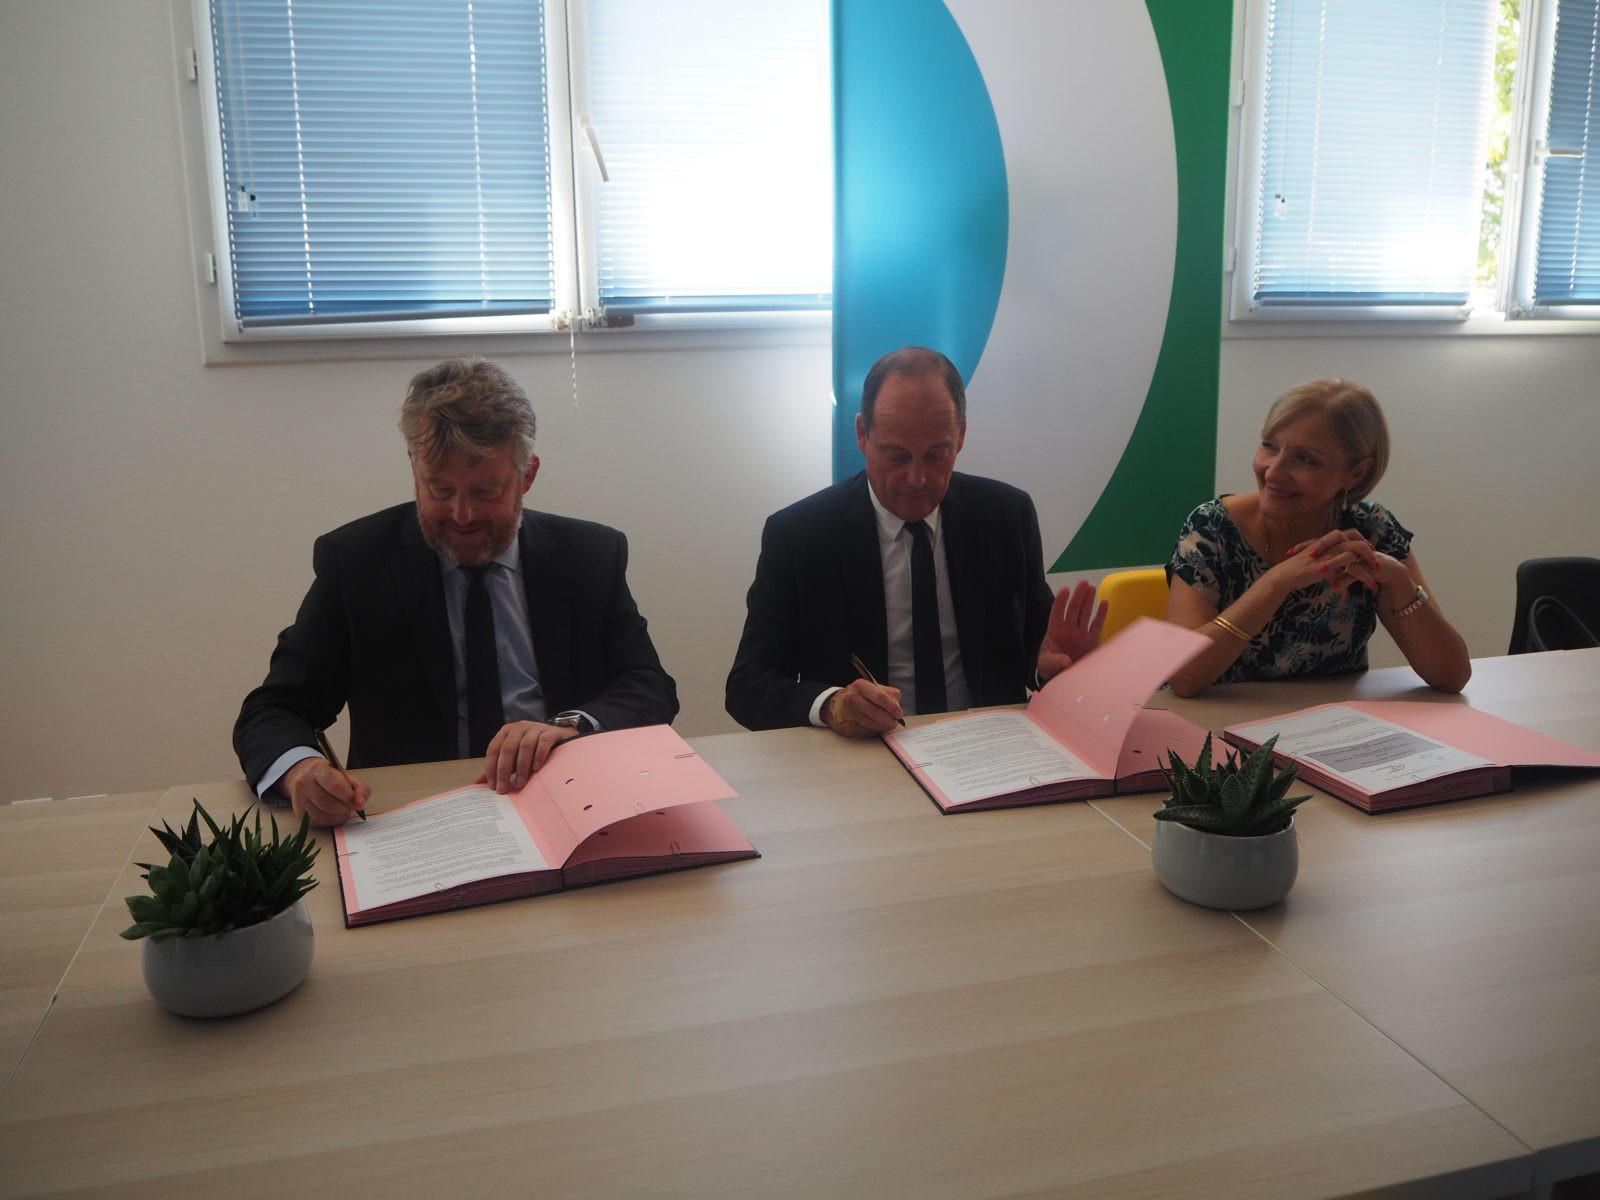 La COBAN et l'Etablissement Public Foncier de Nouvelle-Aquitaine ont co-signé une convention-cadre